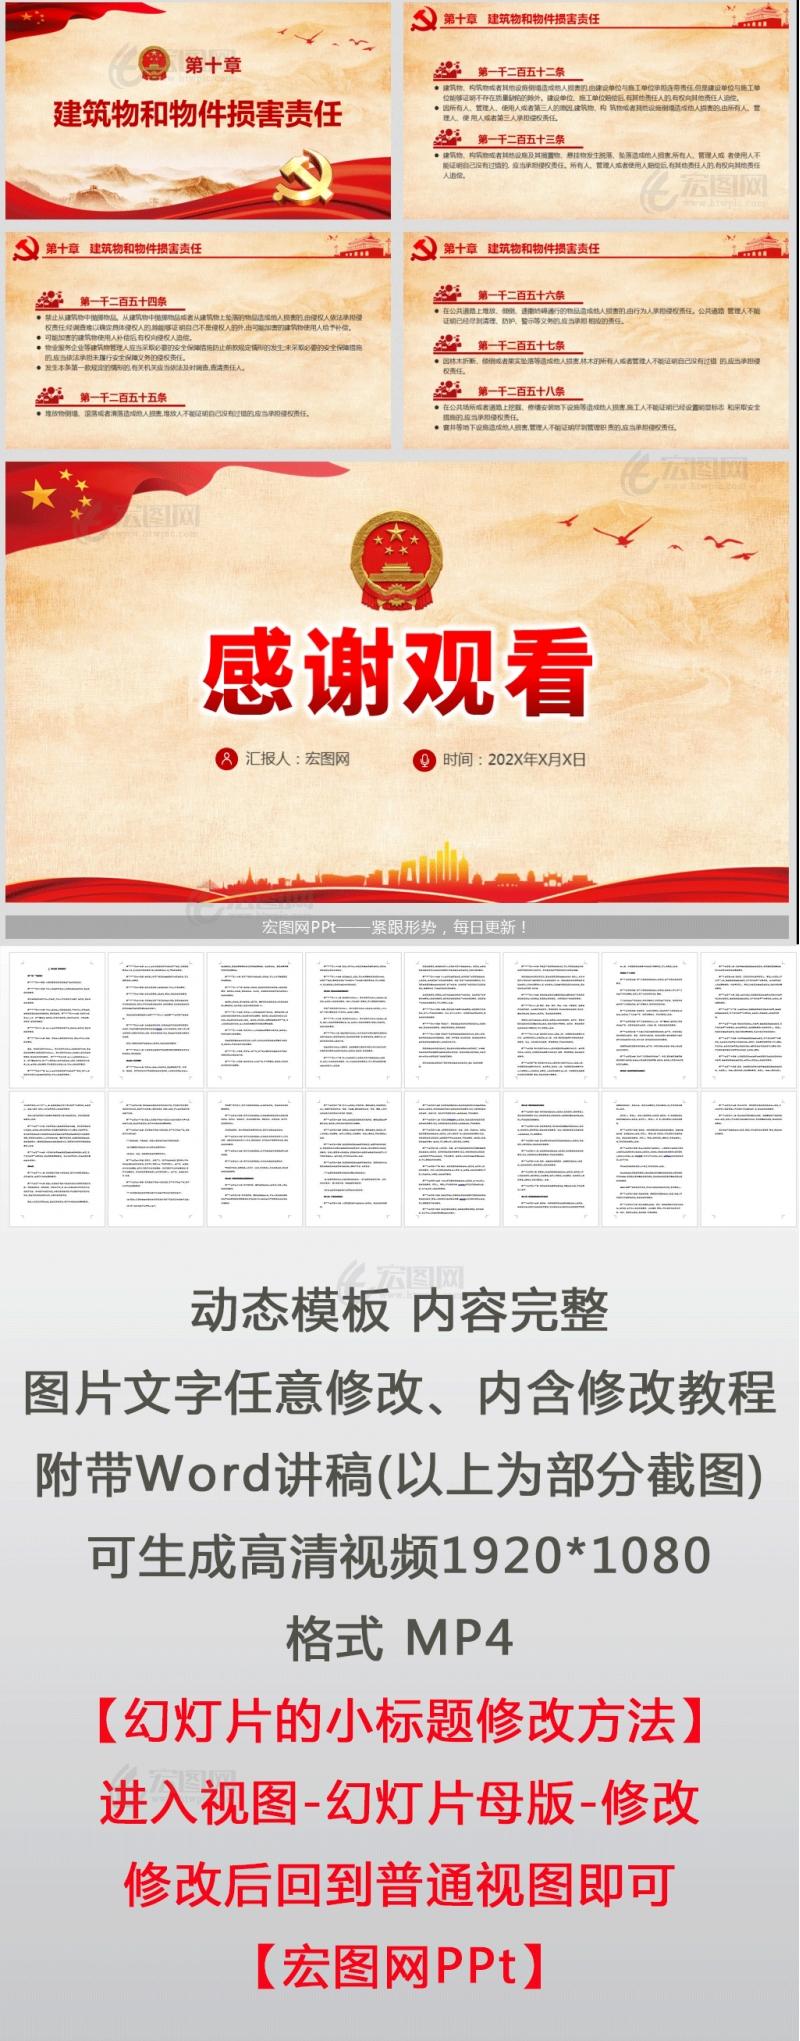 中华人民共和国民法典第七编侵权责任编ppt含讲稿